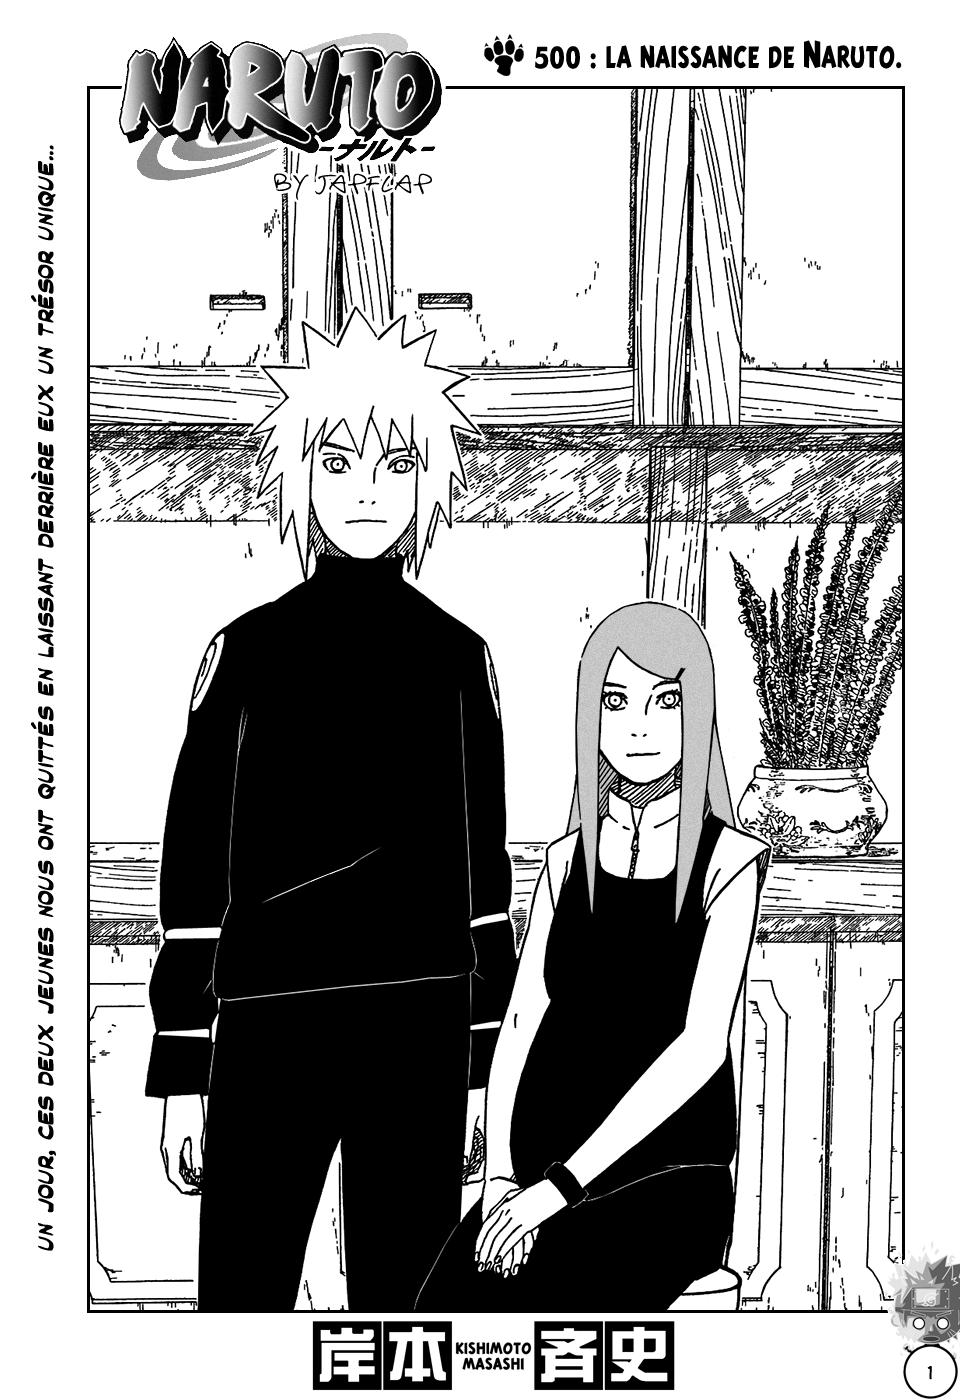 Naruto chapitre 500 - Page 1